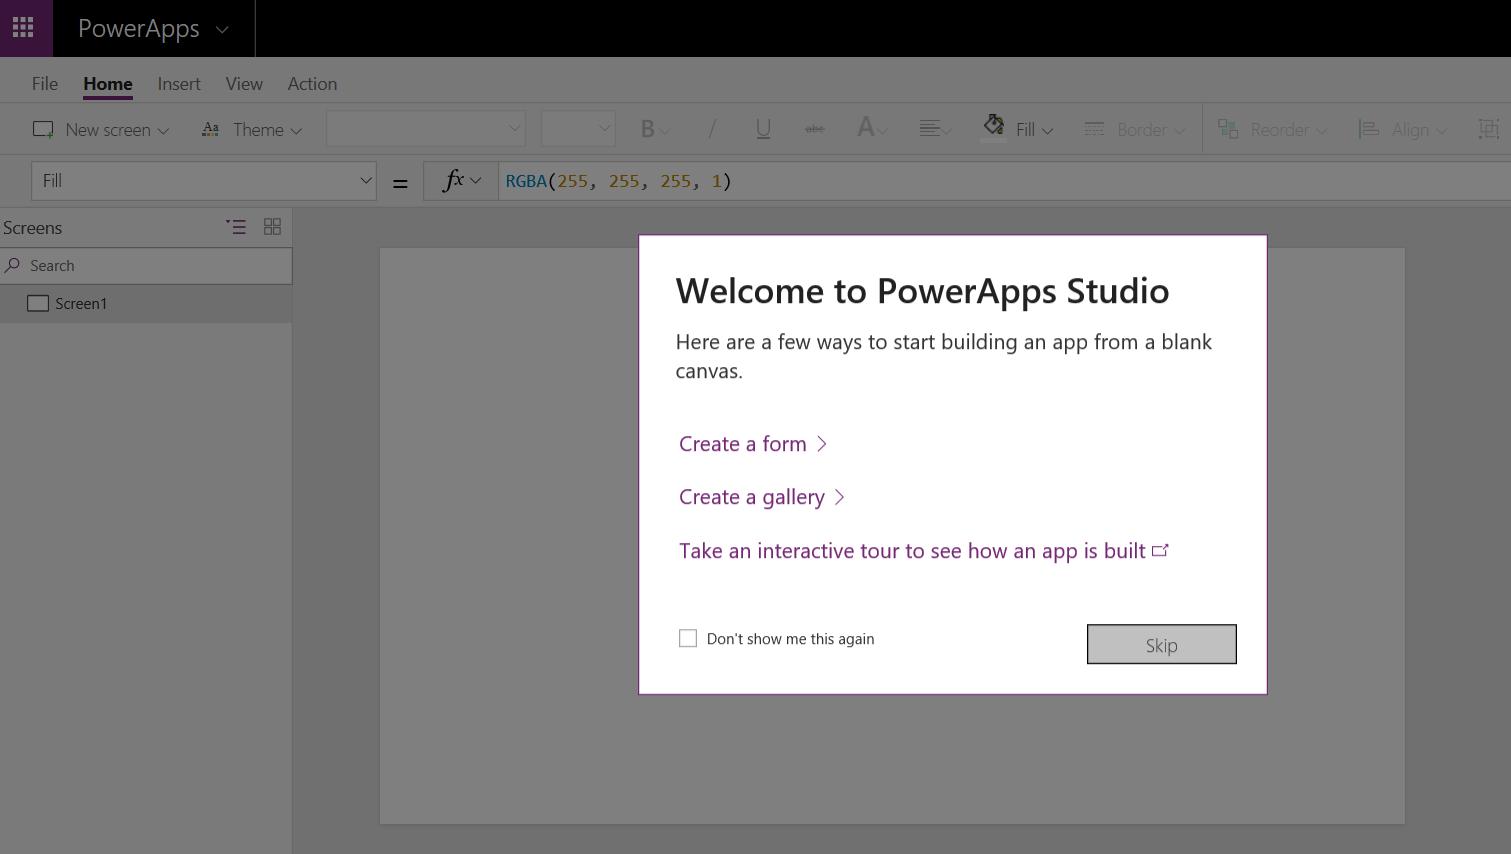 PowerApps Part 1 – Creating an App from Scratch - Carl de Souza